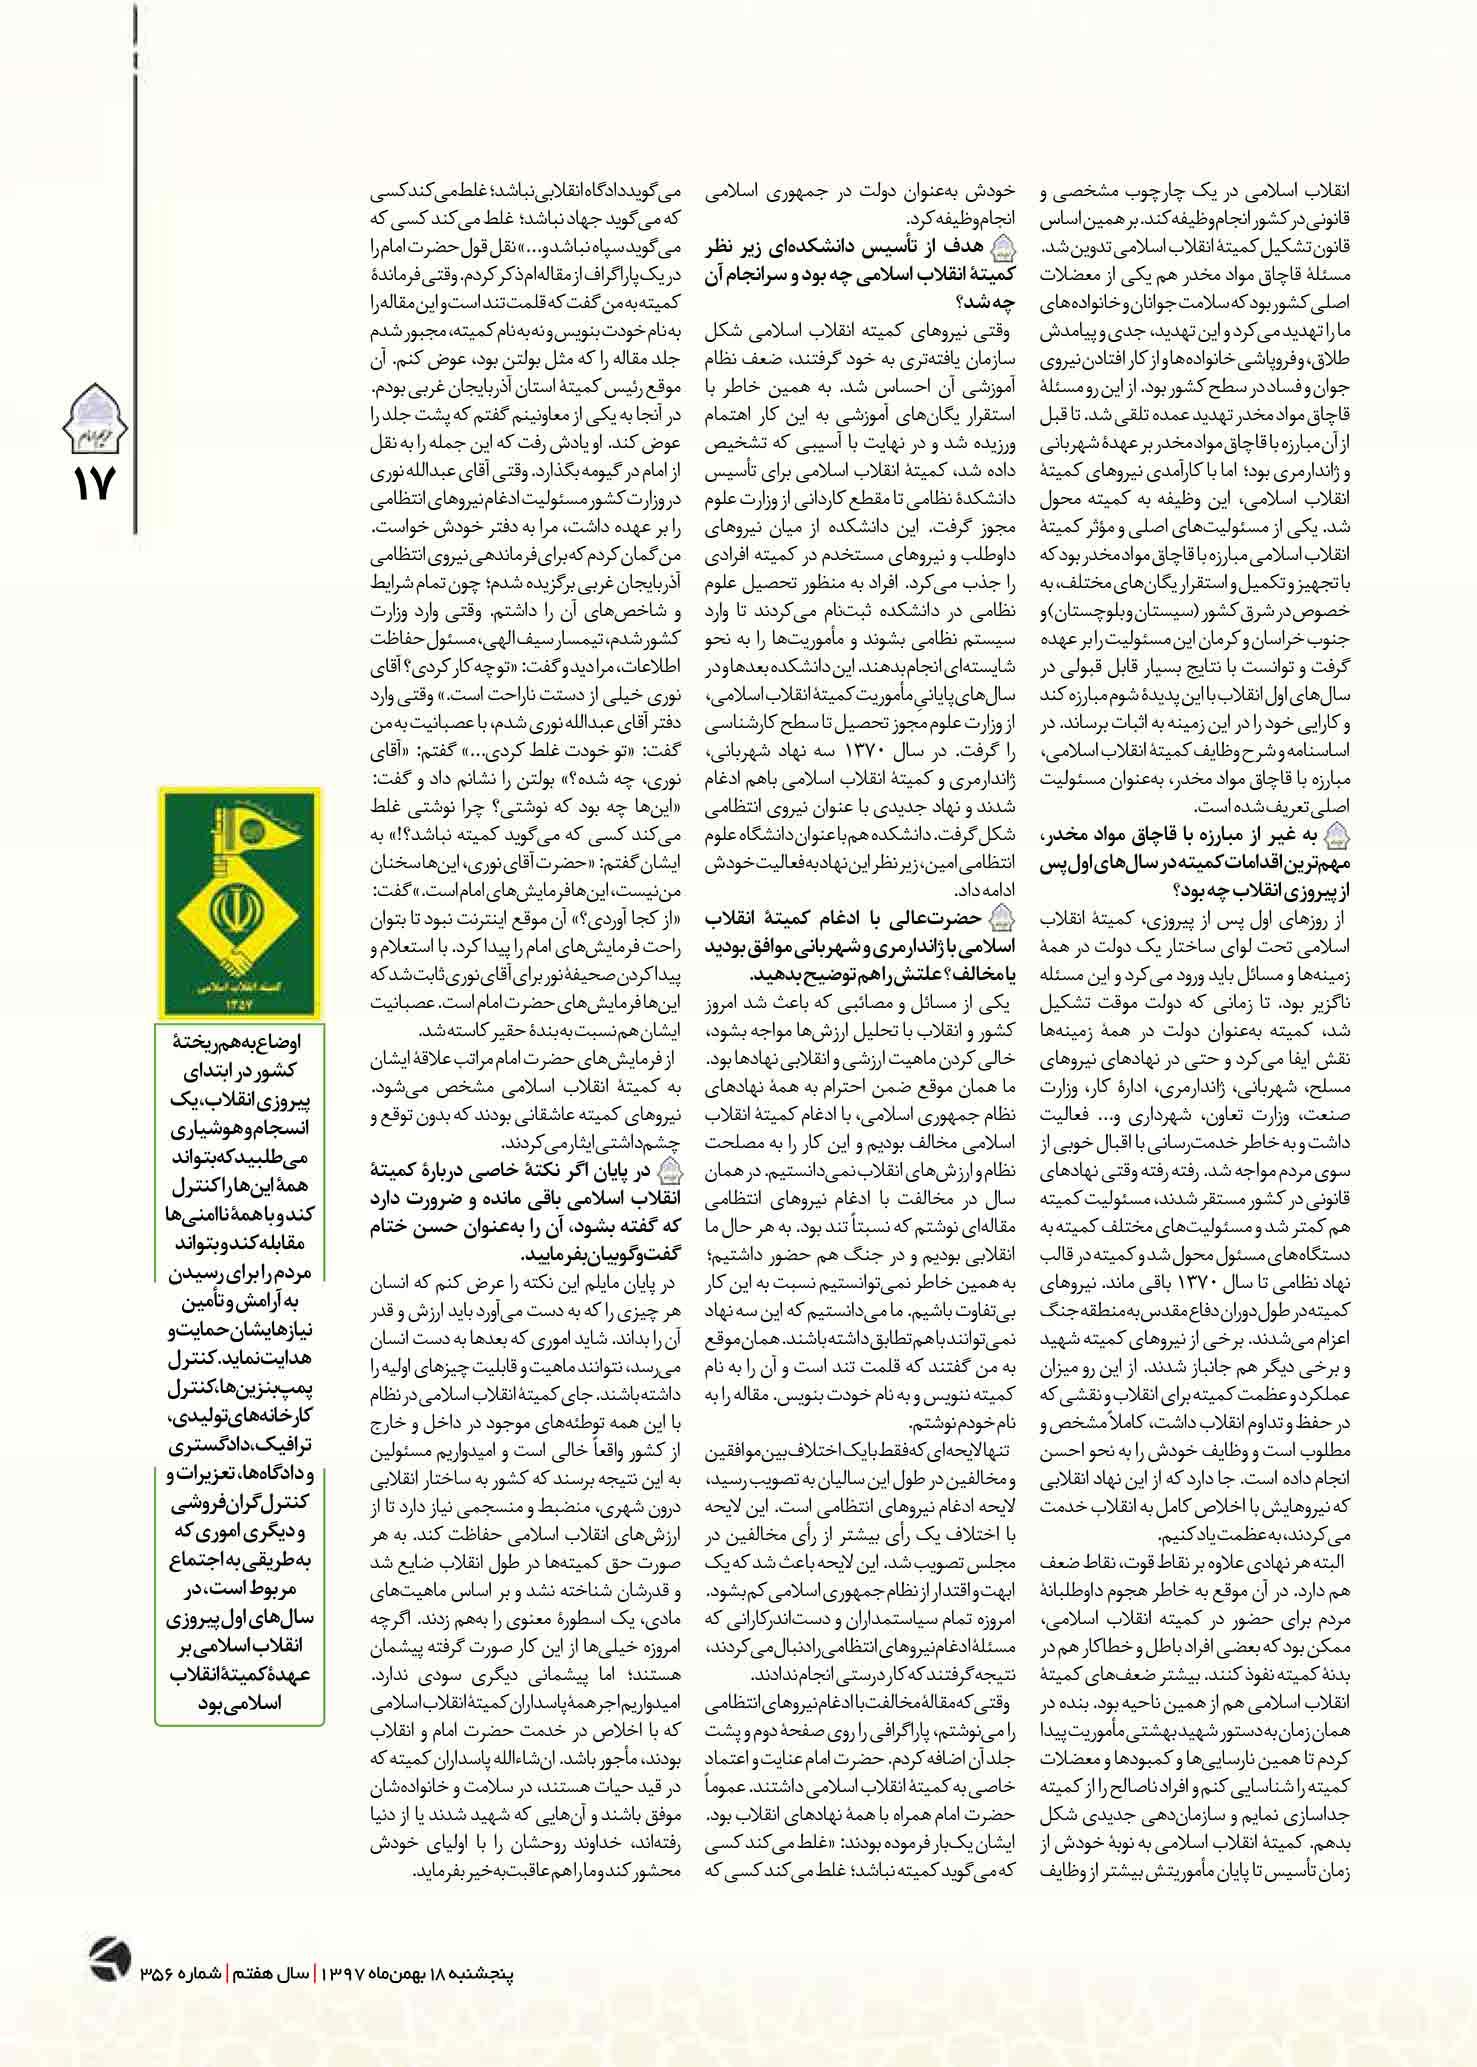 D:\خلوجینی\New folder\@harim_emam356-17.jpg